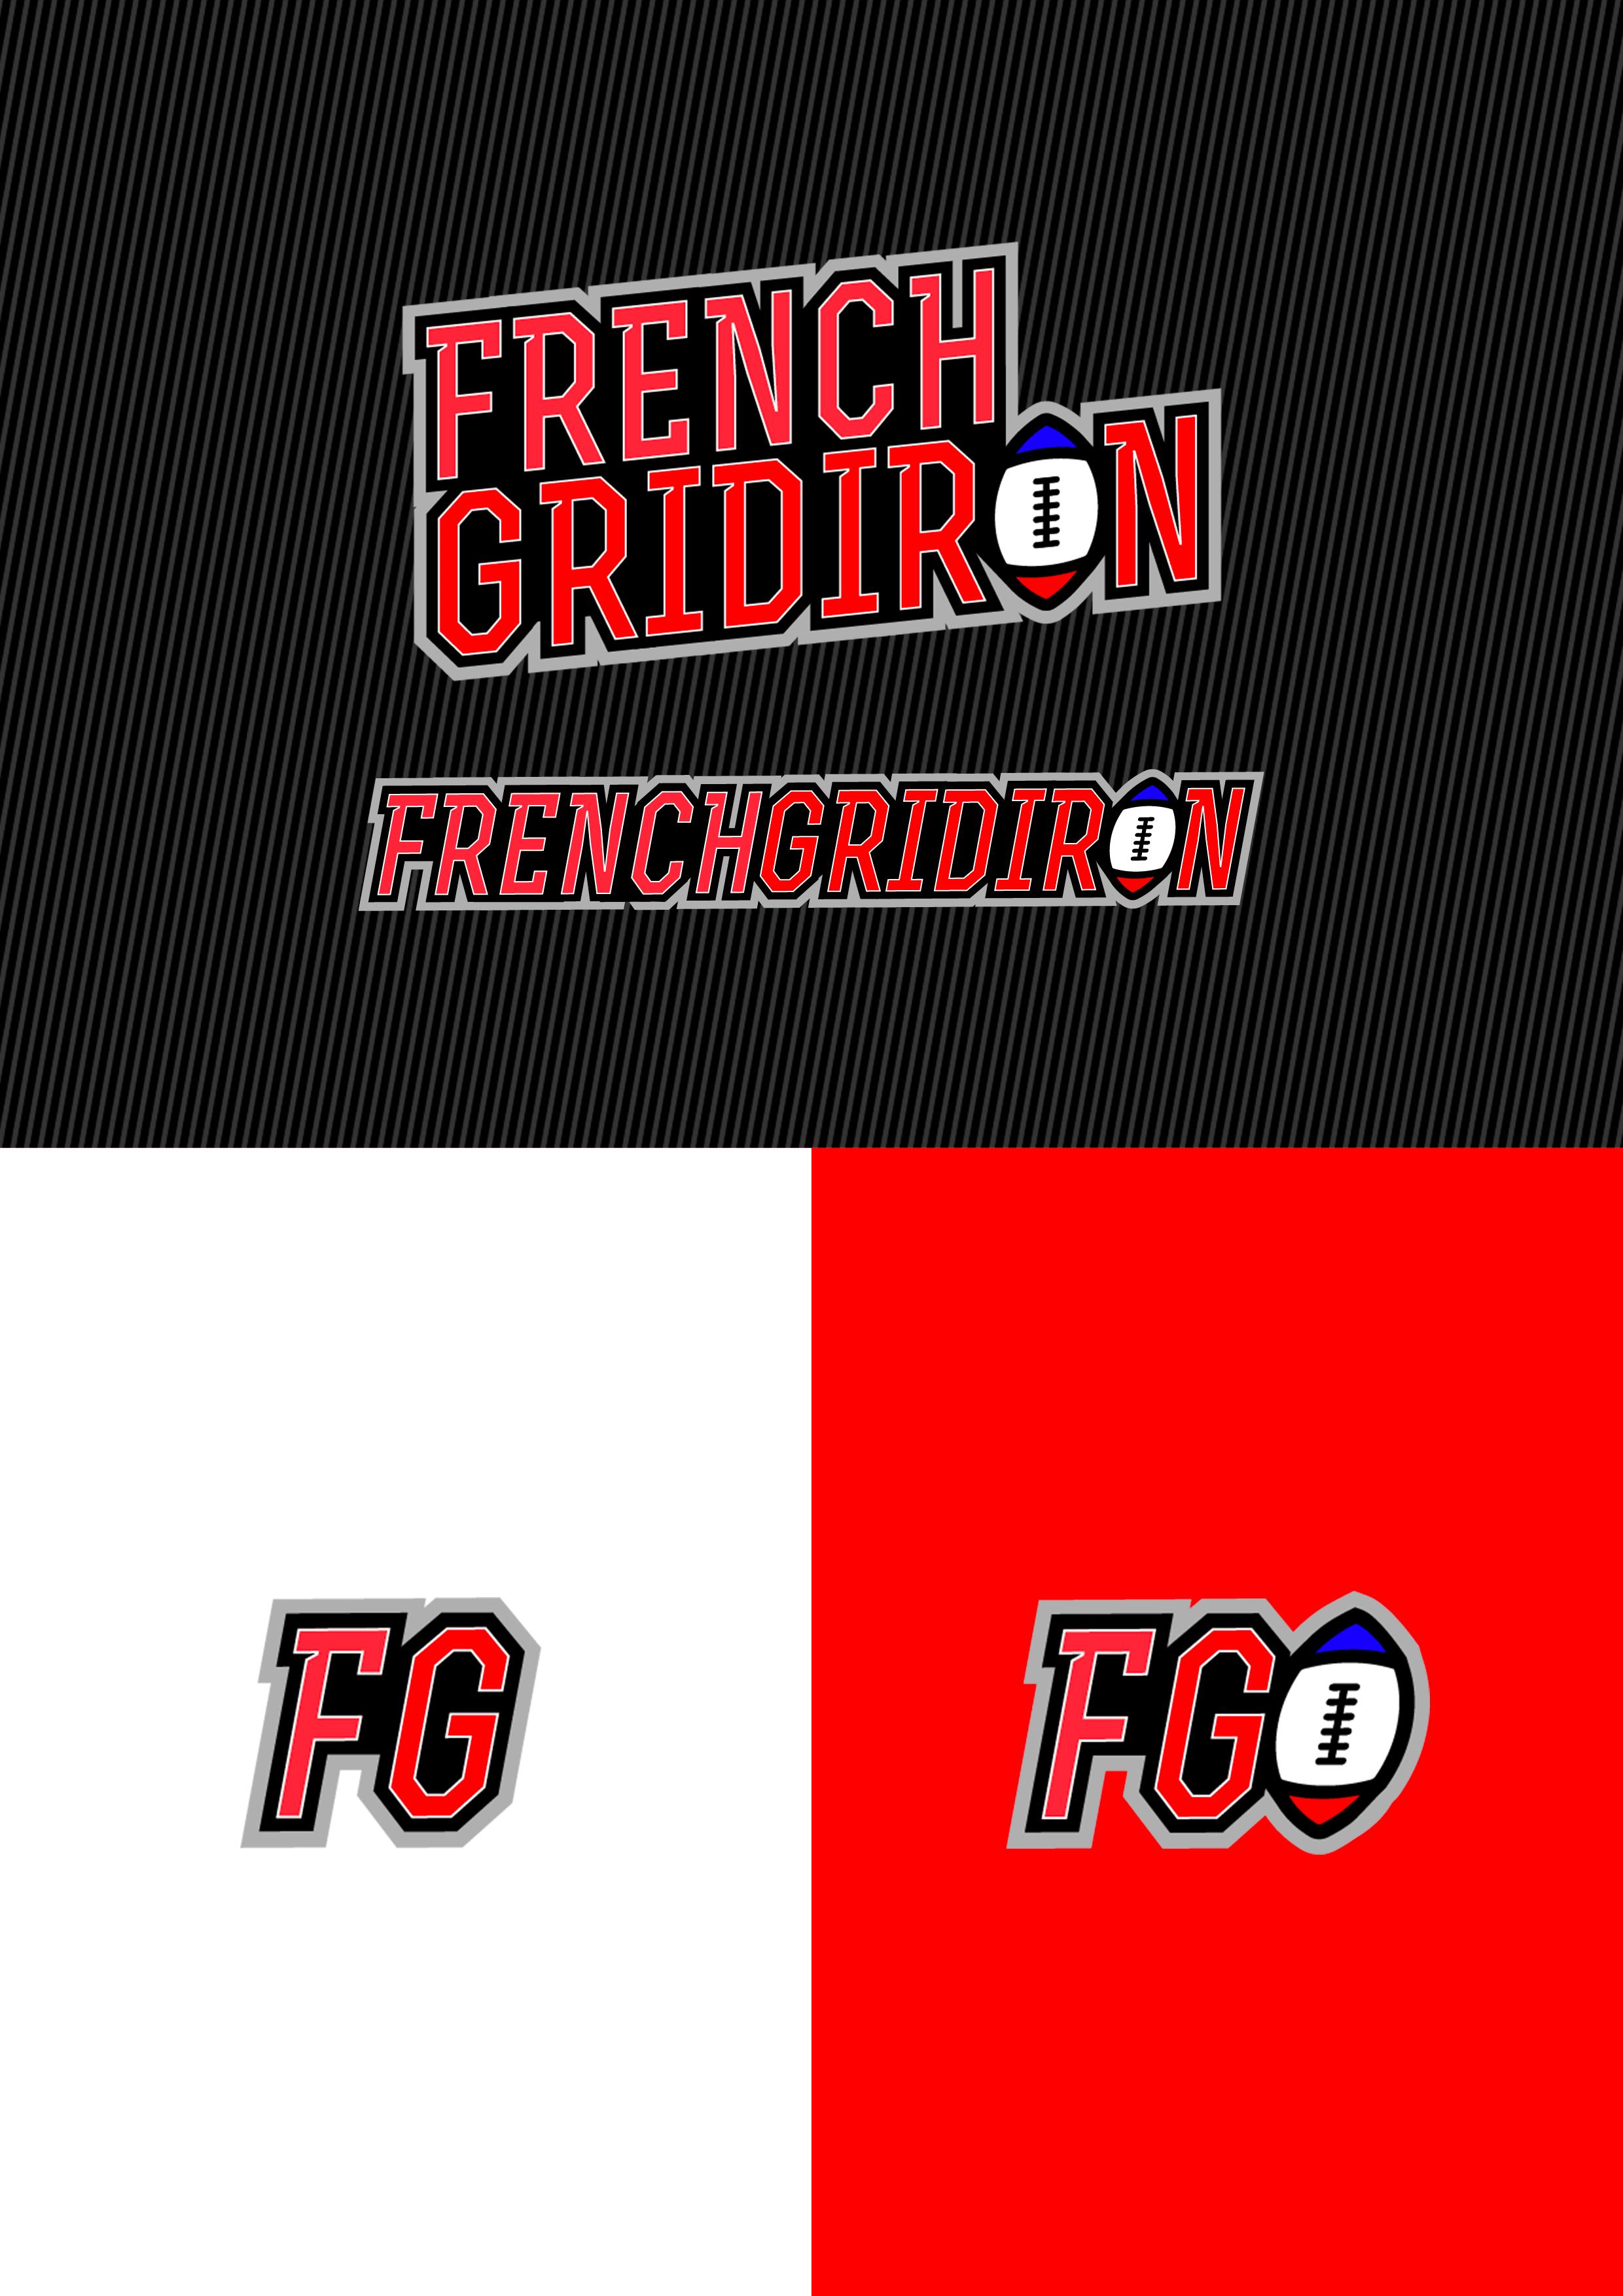 logo-french-gridiron